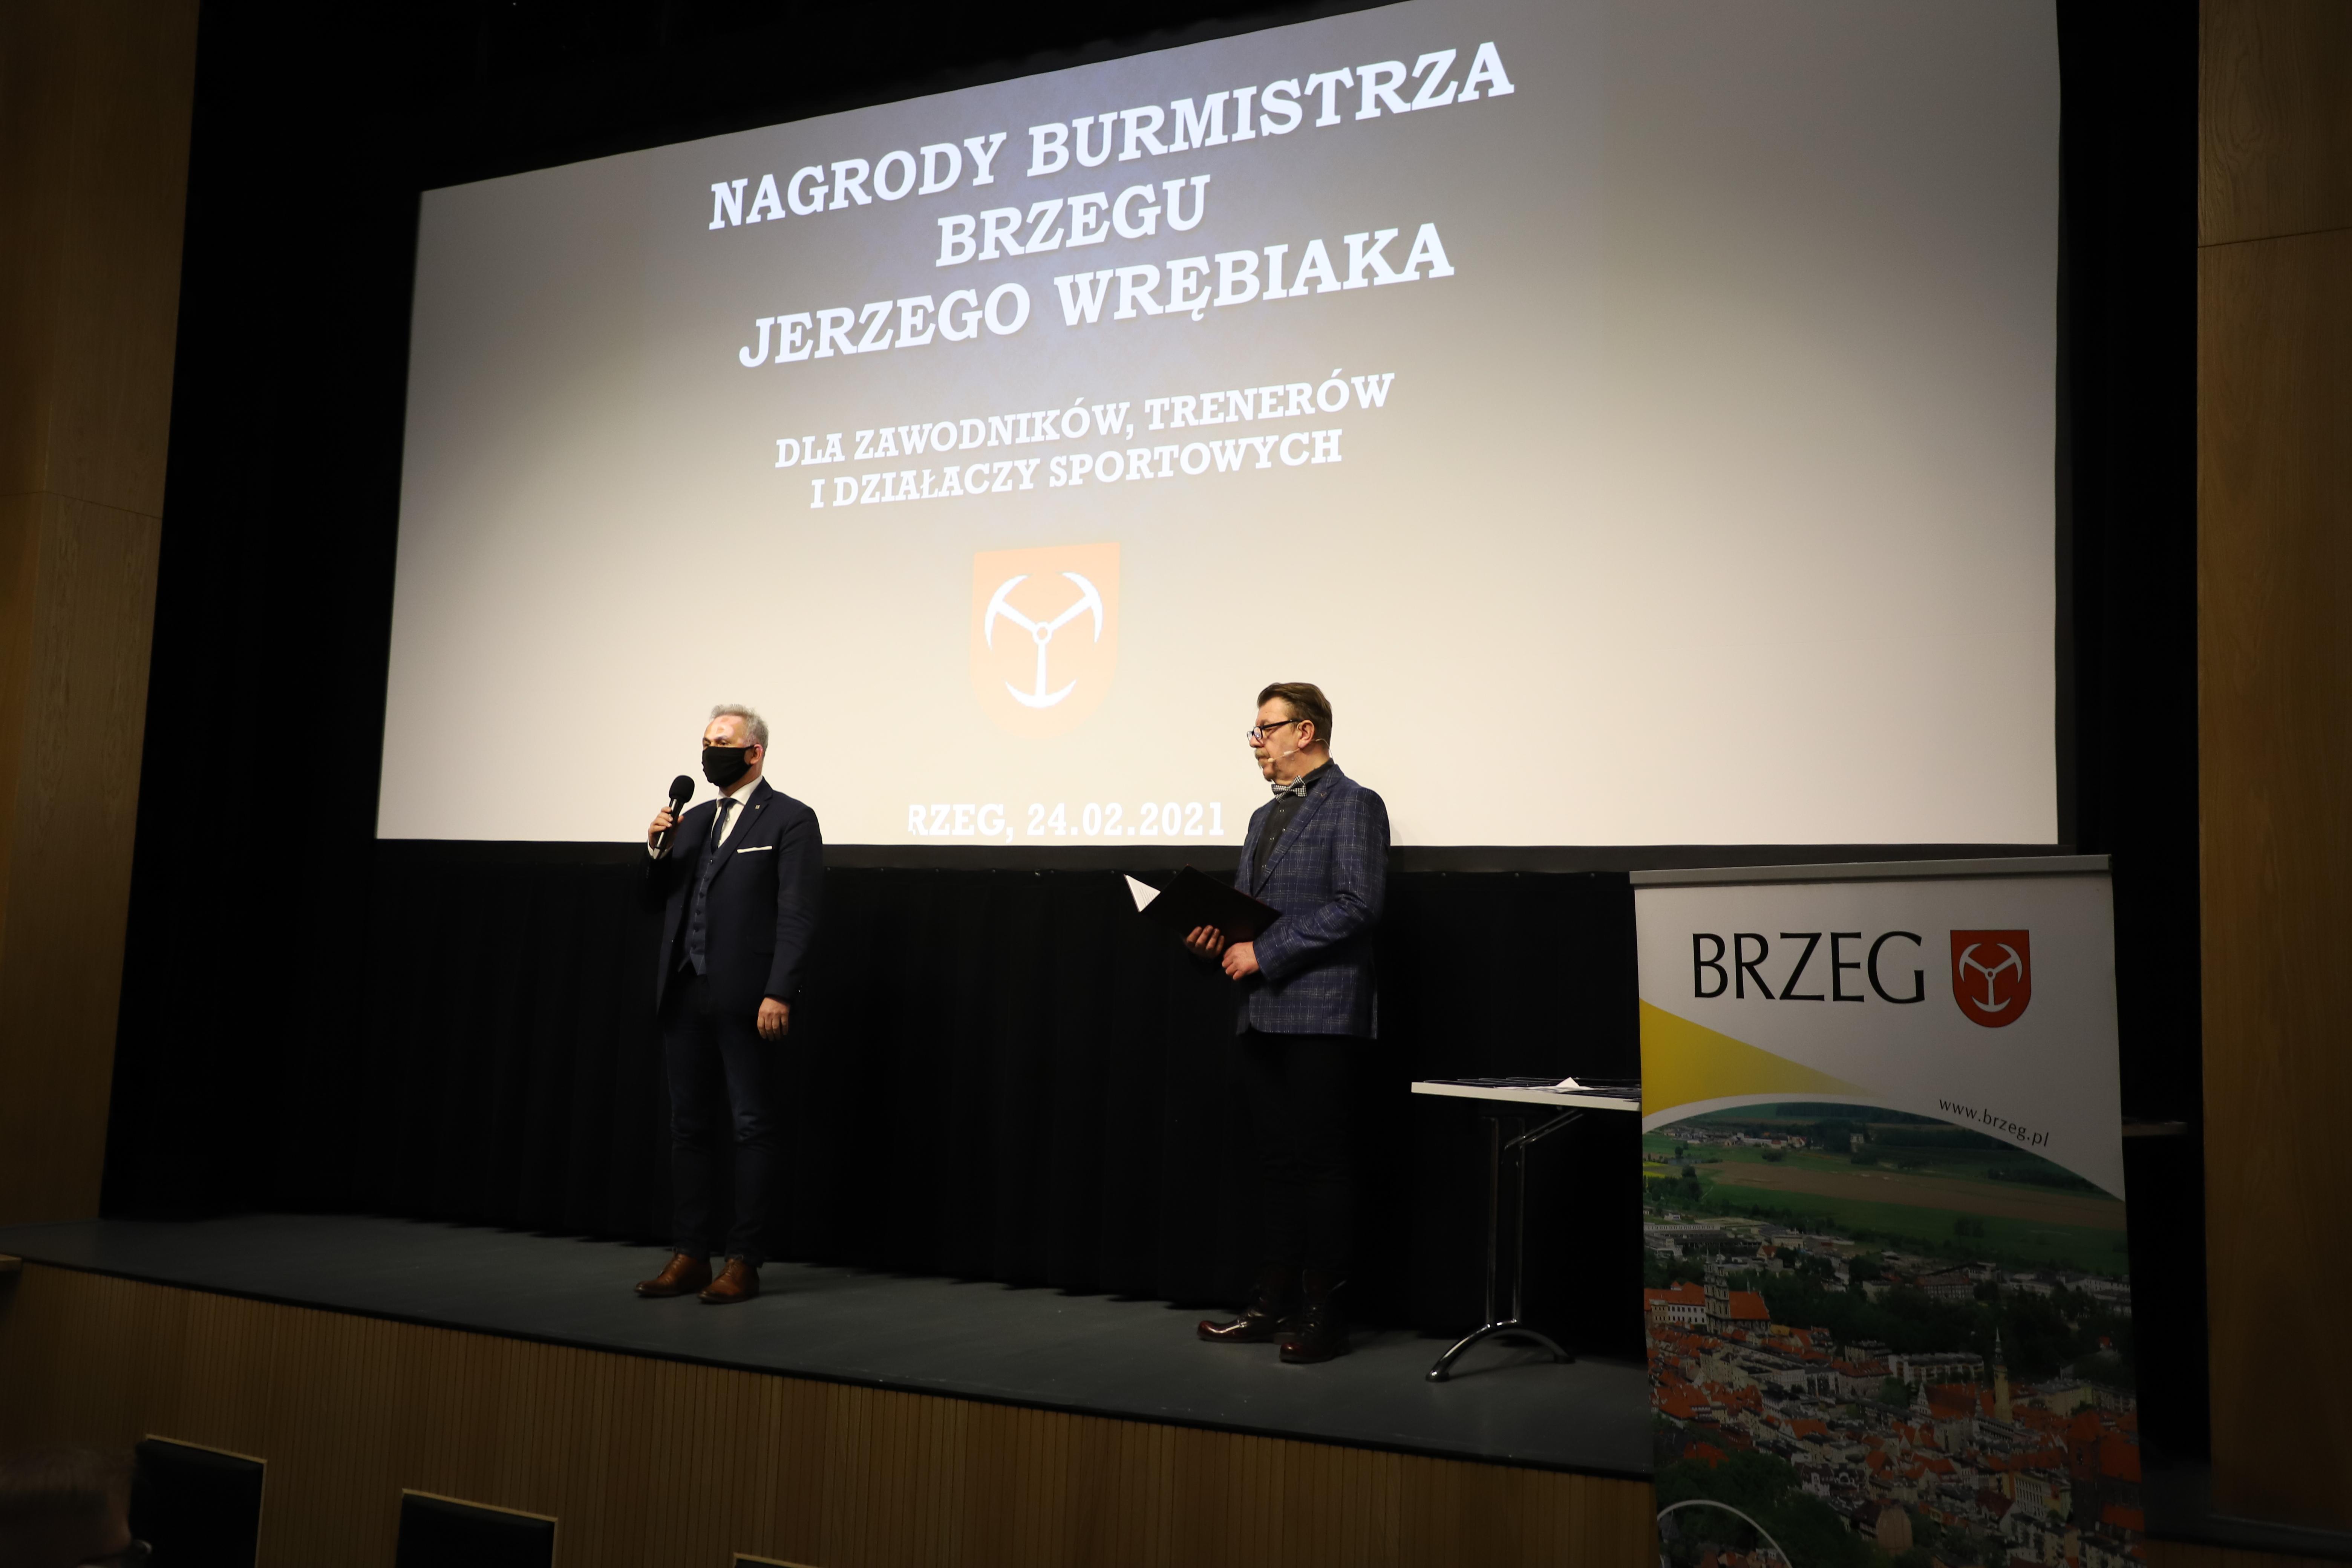 Uroczysta gala wręczenia nagród Burmistrza Brzeg...